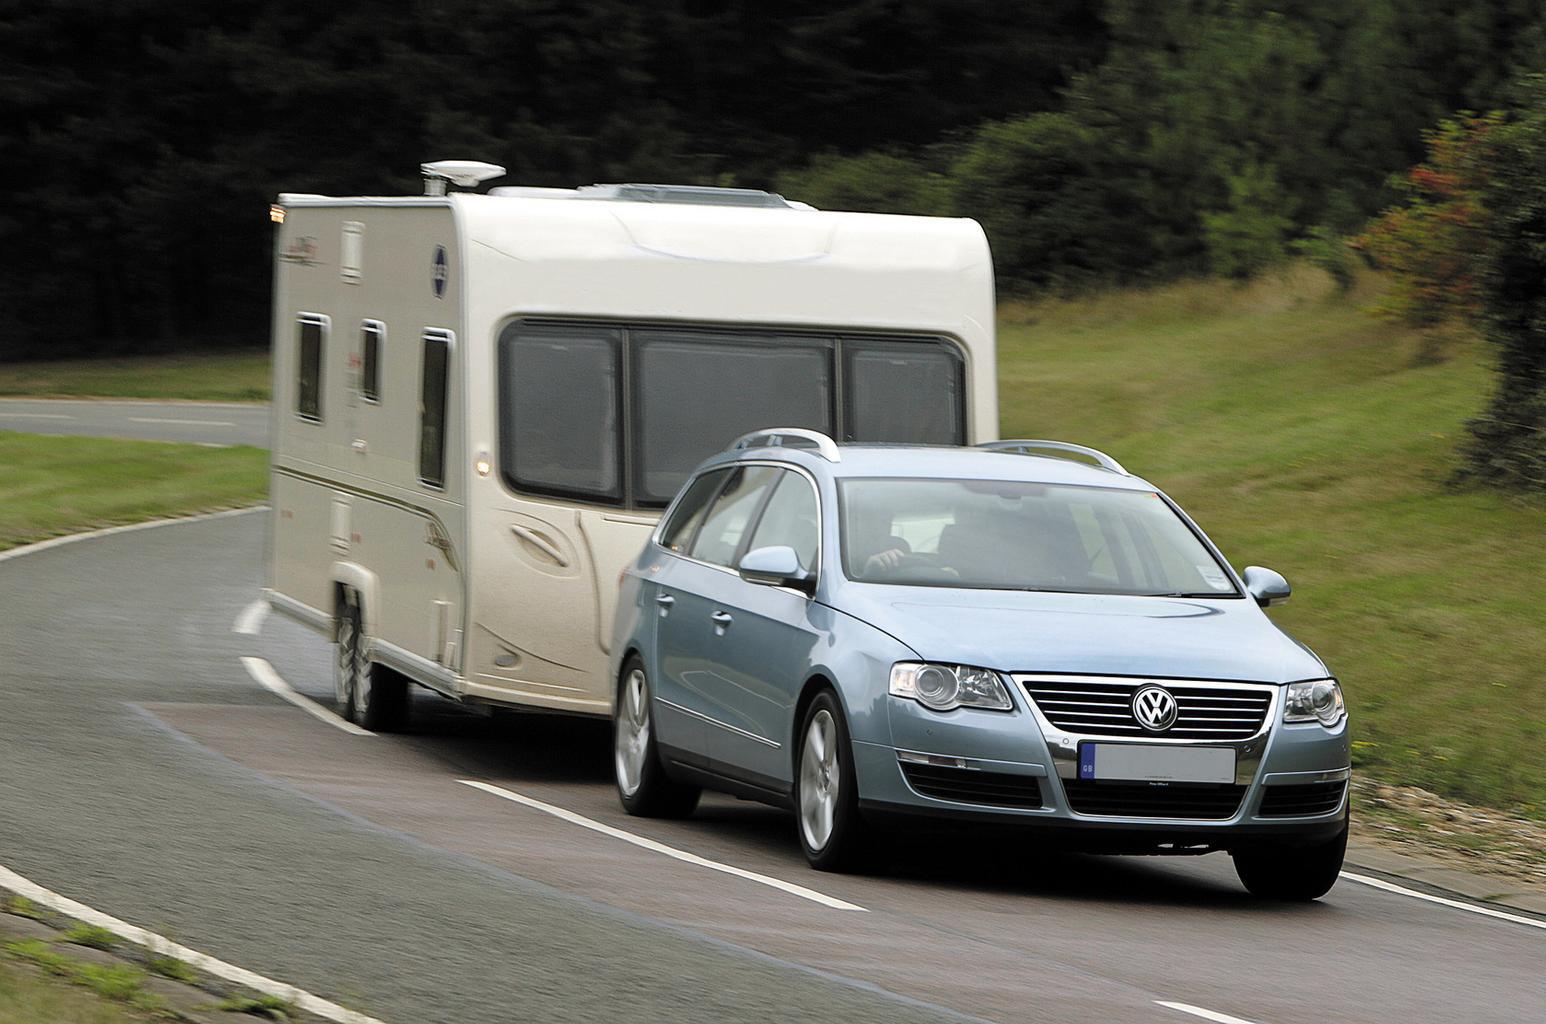 Volkswagen Passat pulling caravan